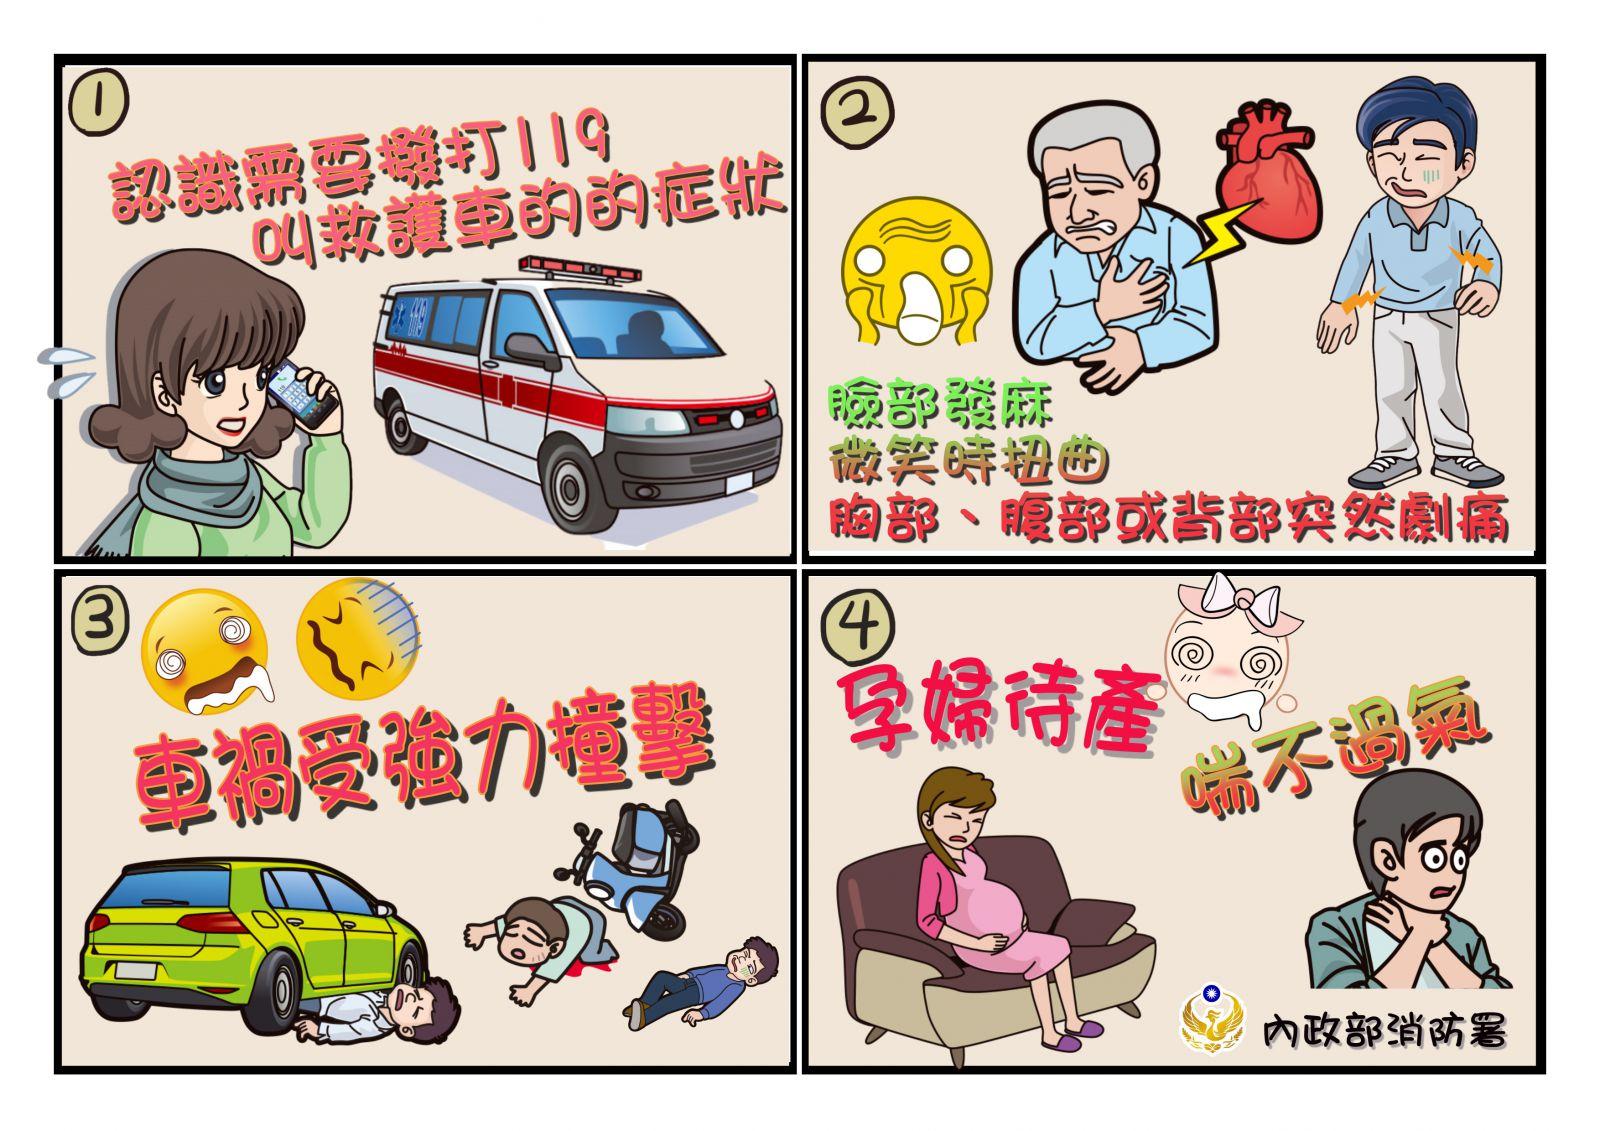 內政部消防署緊急救護四格漫畫創意徵選 範例 A